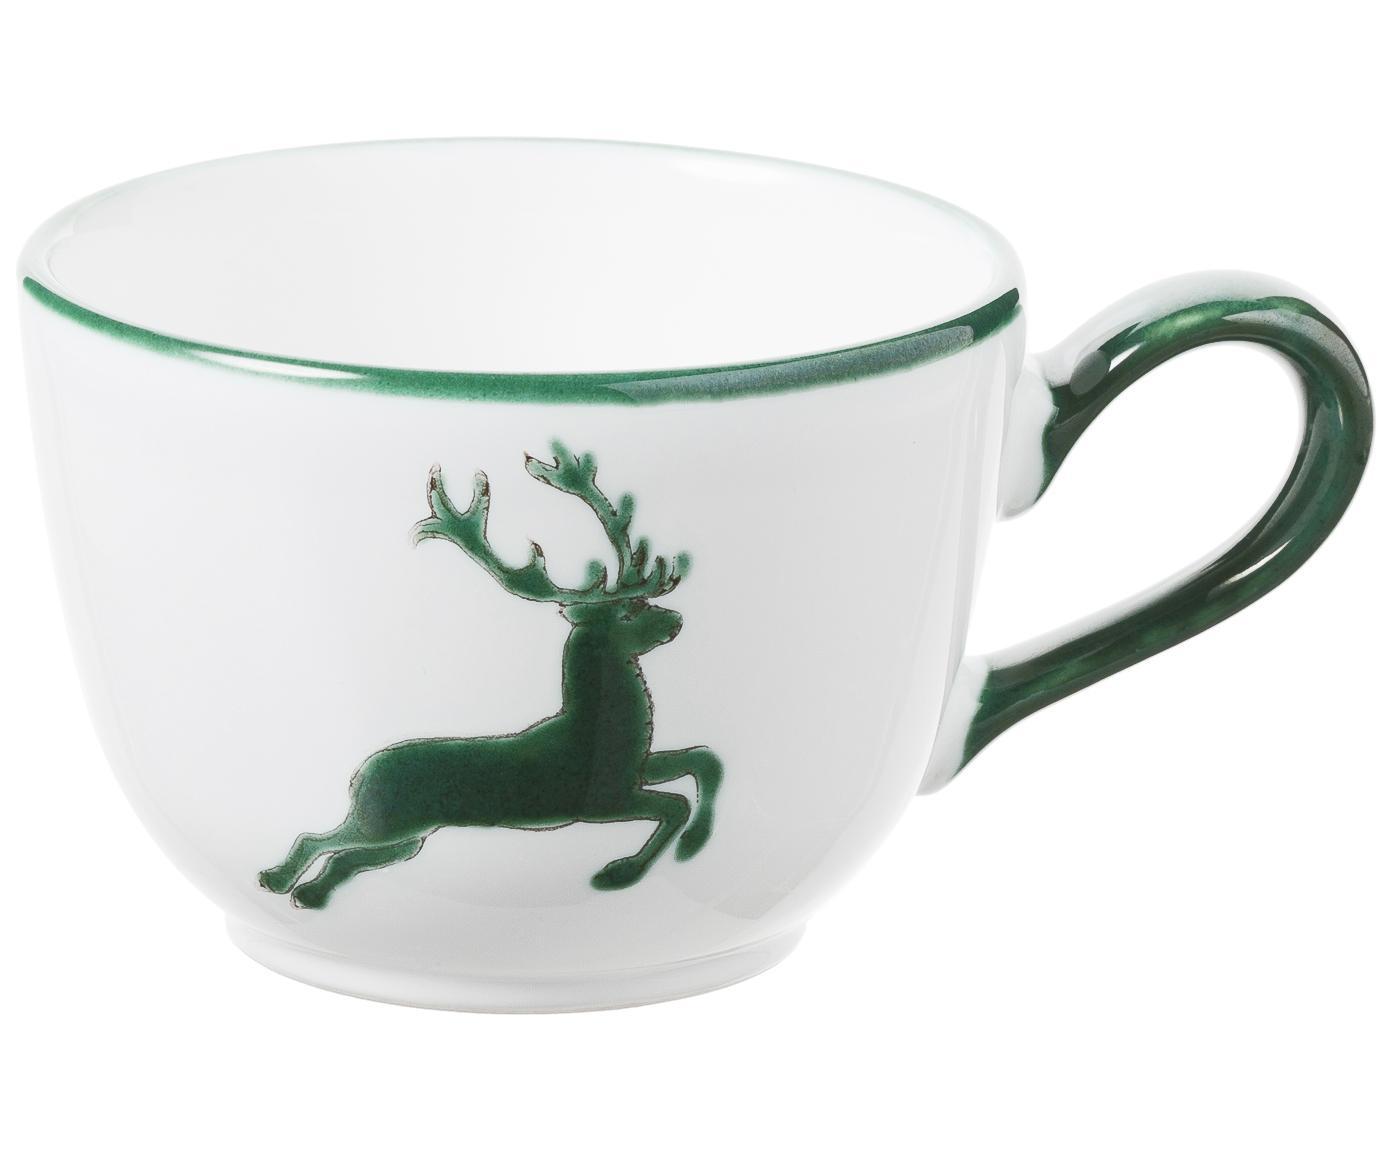 Koffiekopje Groene Hert, Keramiek, Groen, wit, 190 ml